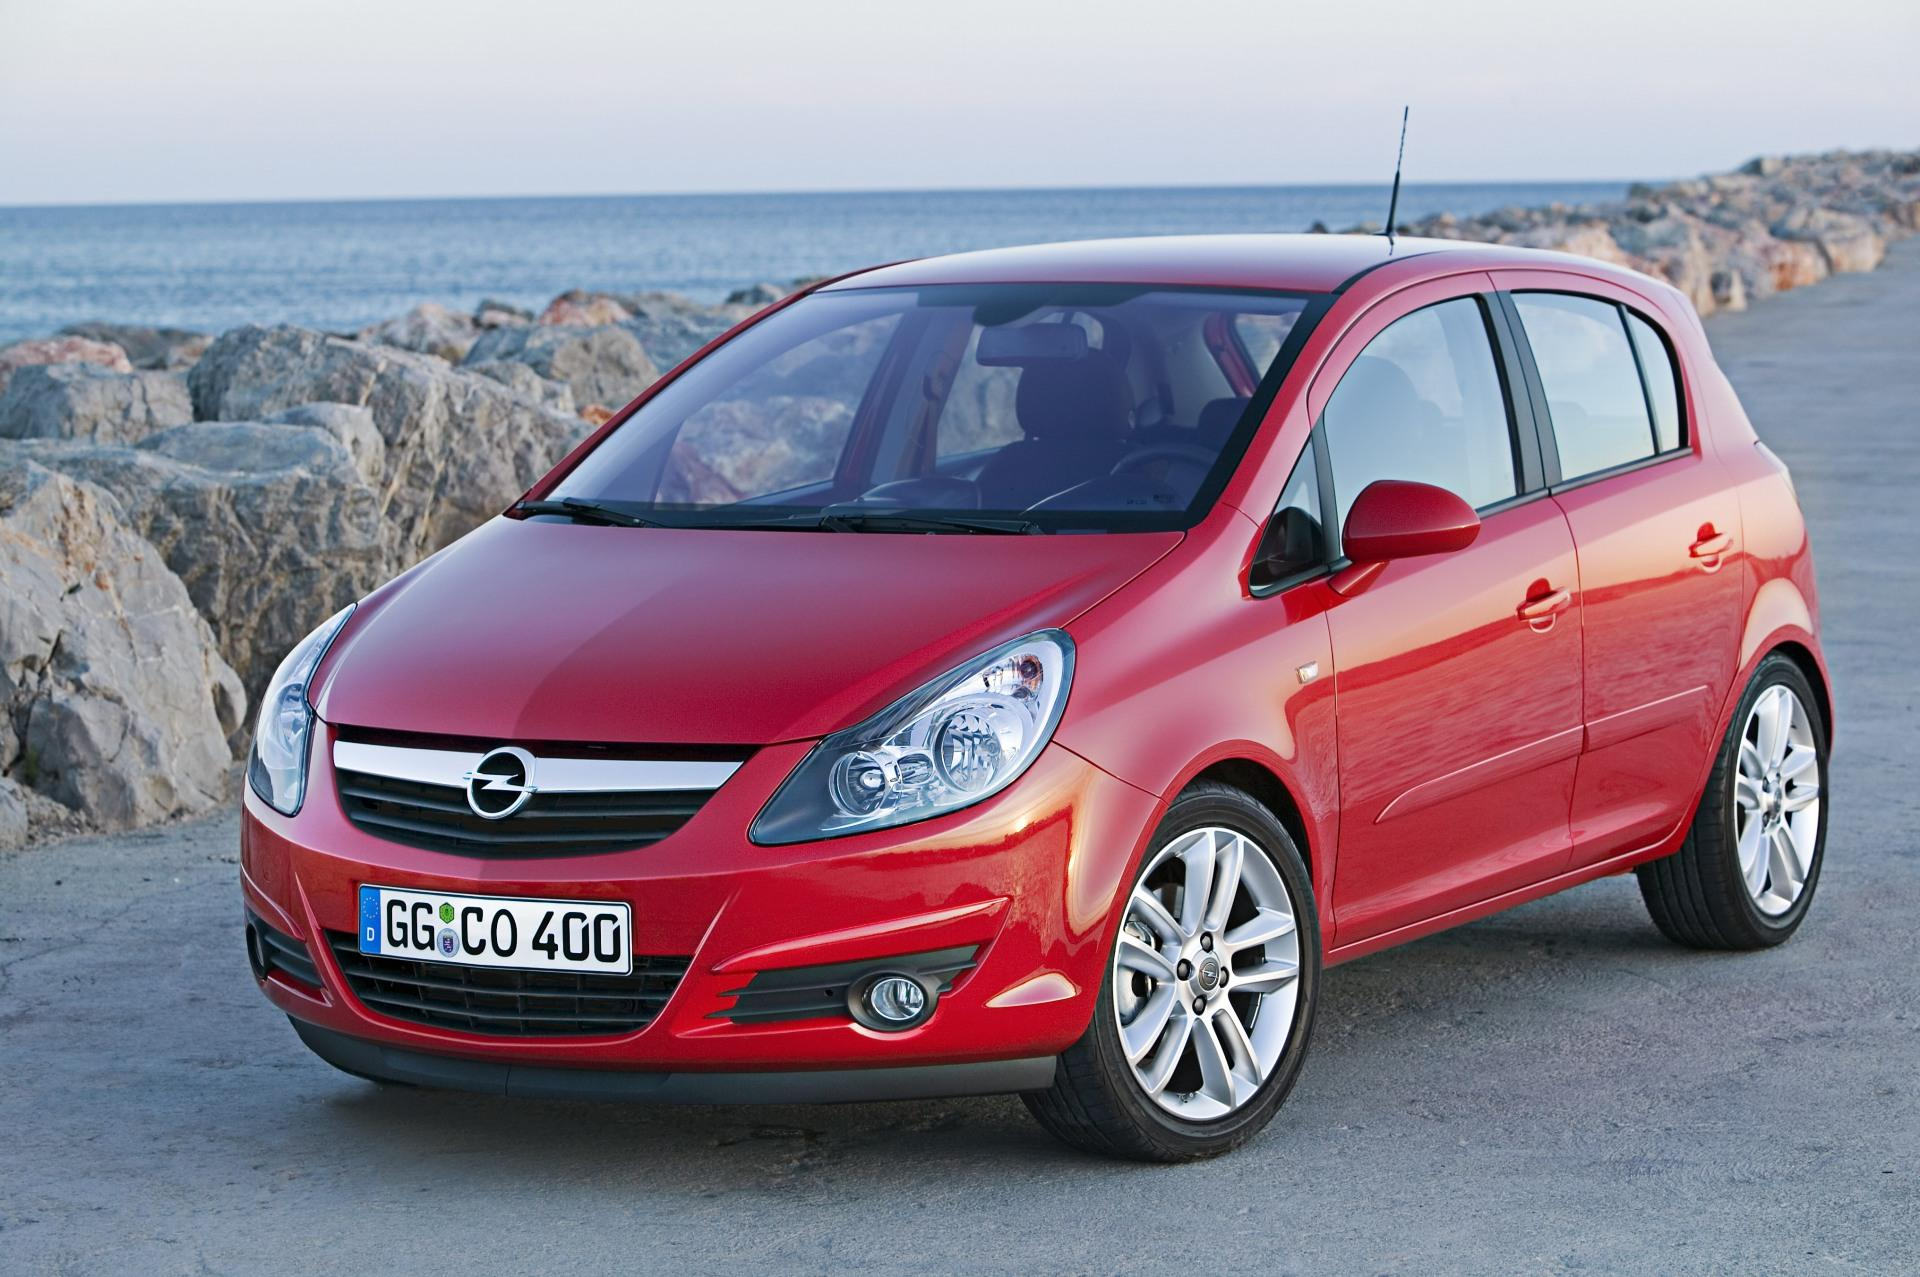 Opel corsa d, характерные особенности автомобиля, уязвимые места, отзывы владельцев